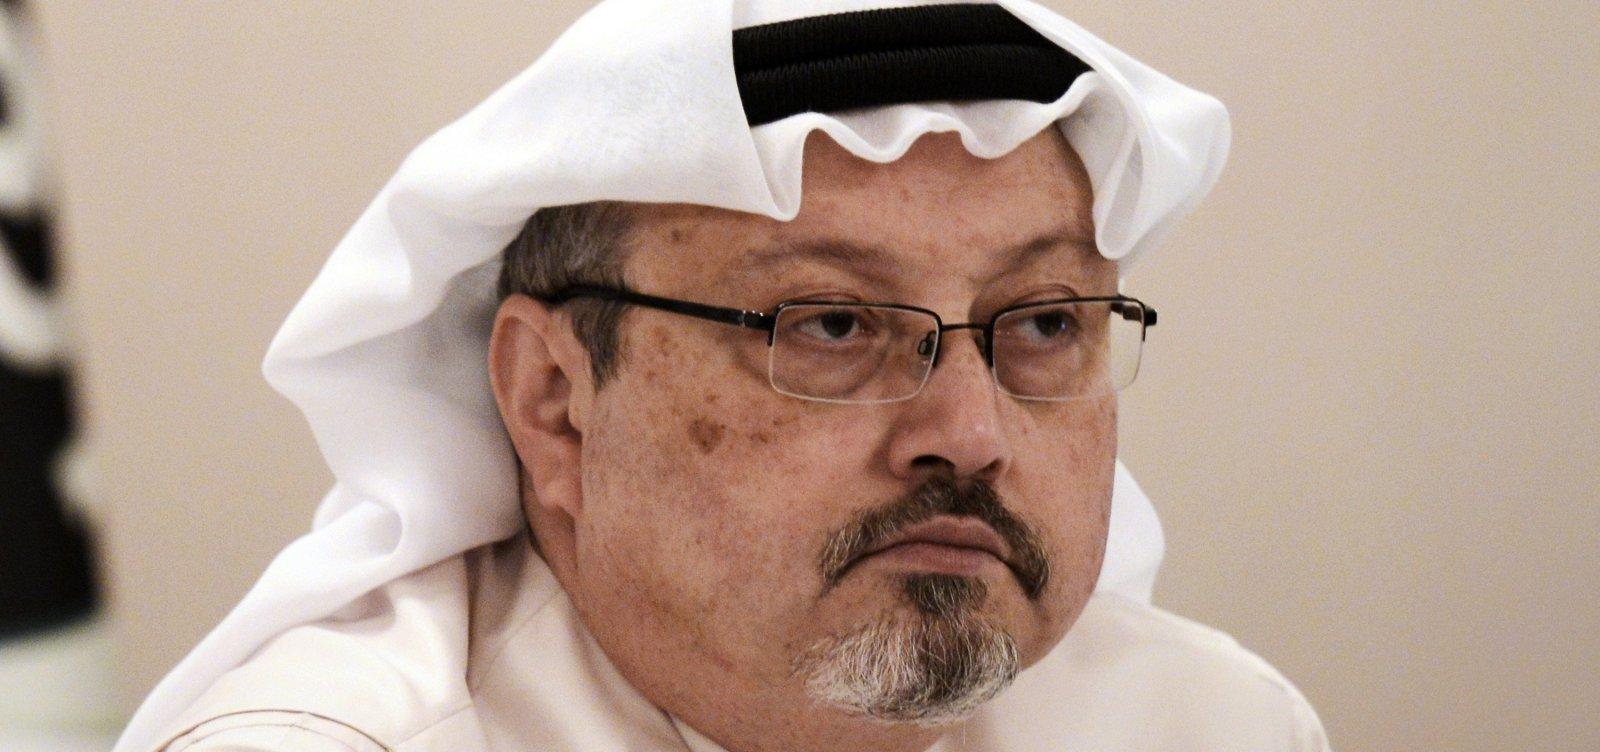 [CIA conecta príncipe herdeiro da Arábia Saudita à morte de jornalista]